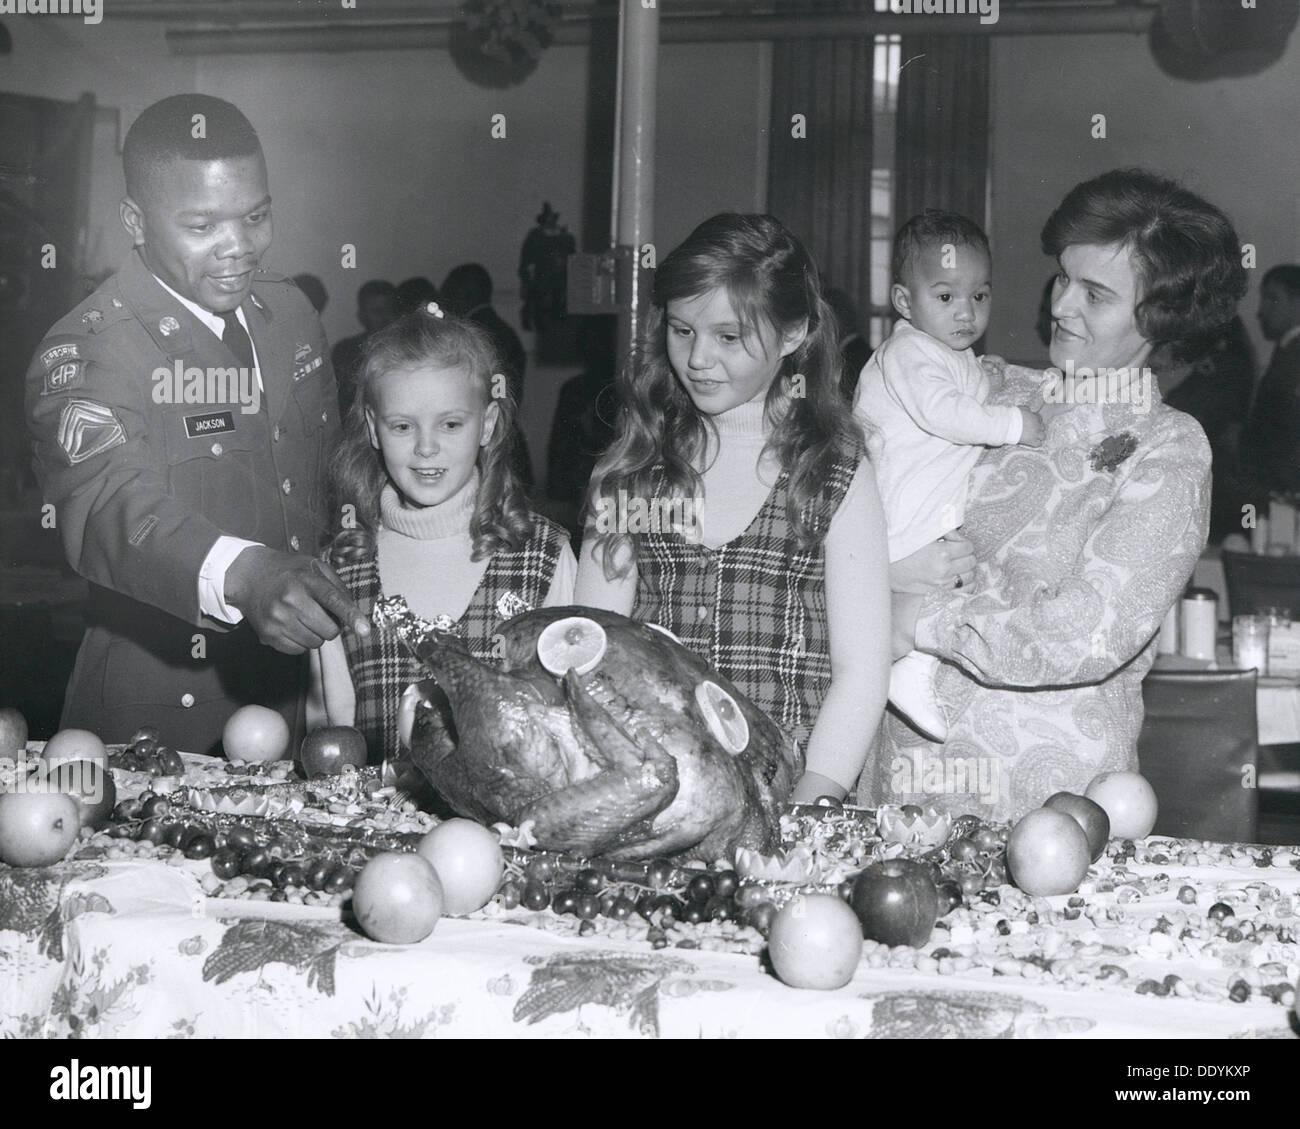 La Giornata del ringraziamento le celebrazioni nella confusione di consolidata, Fort Sheridan, Illinois, Stati Uniti d'America, 1969. Artista: SP5 bond Immagini Stock